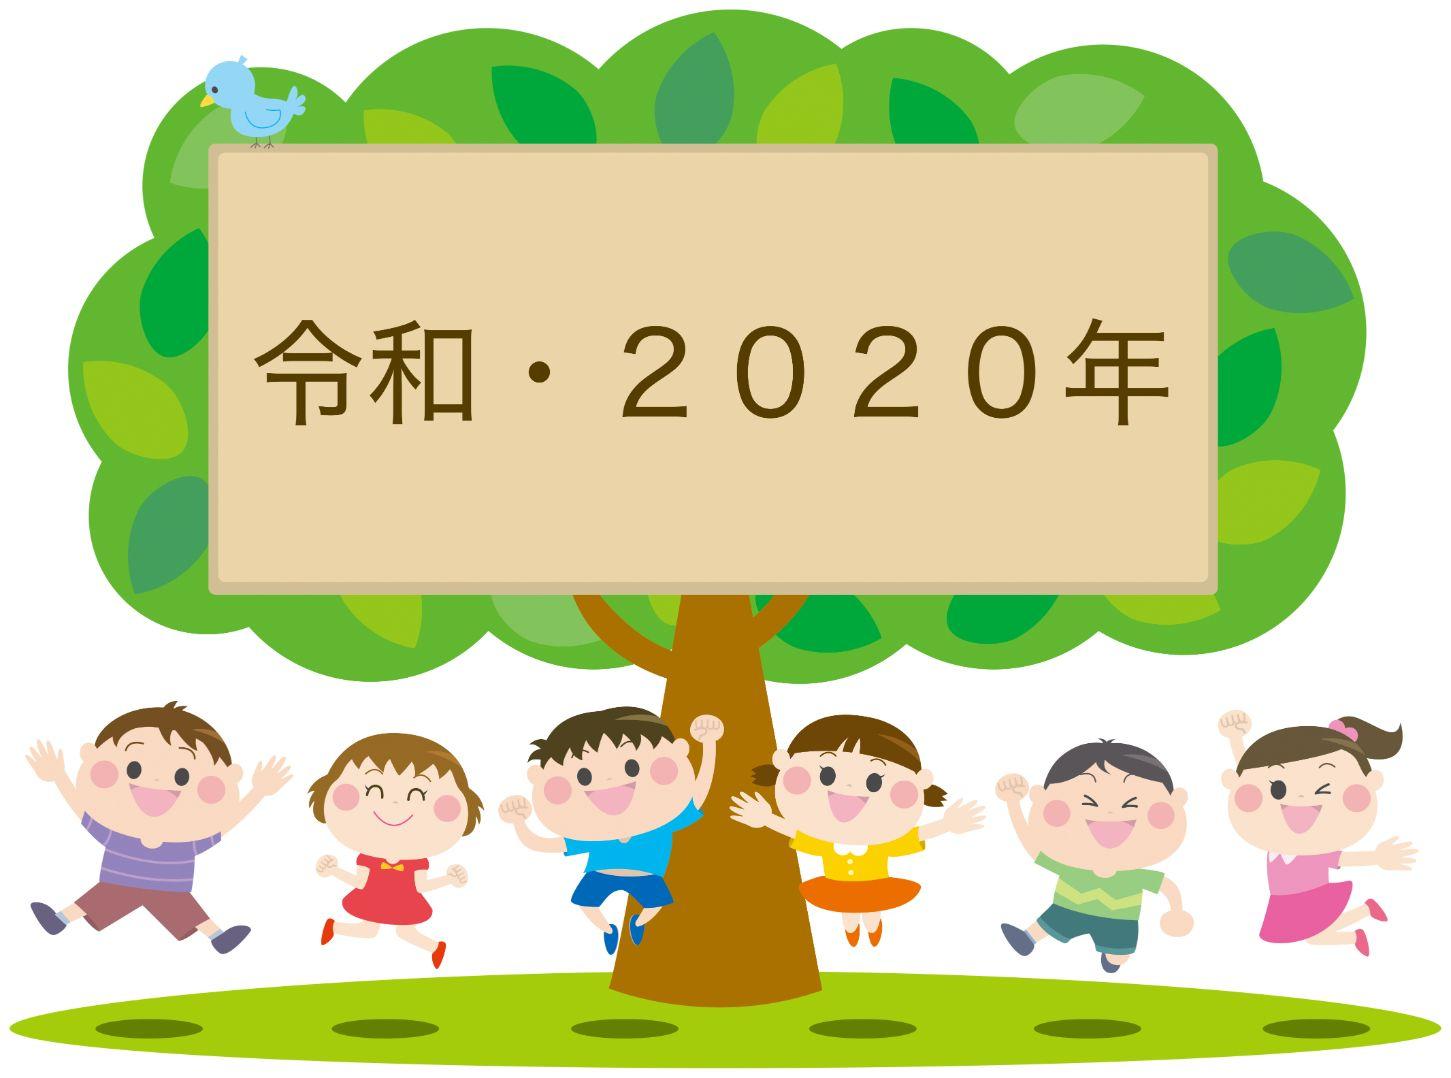 令和・2020年